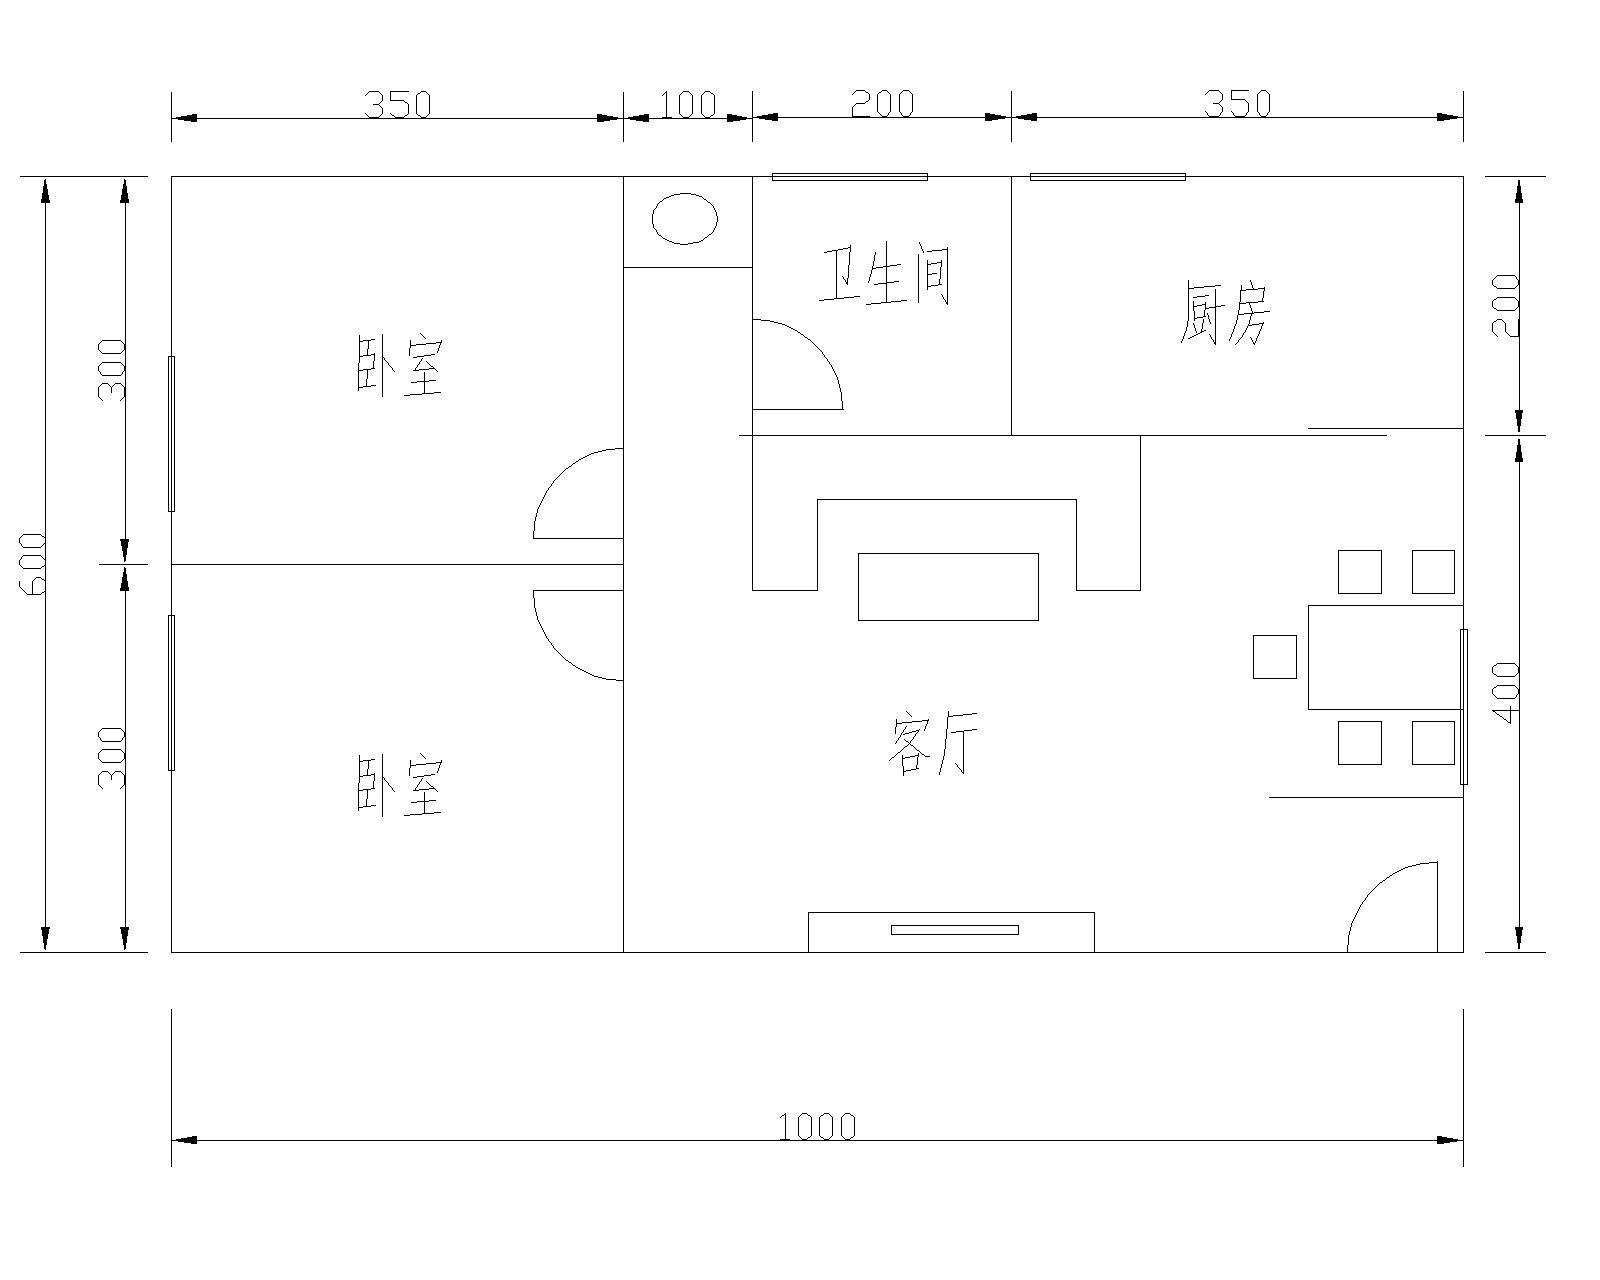 一间长10米,宽6米的长方形大房子.图片